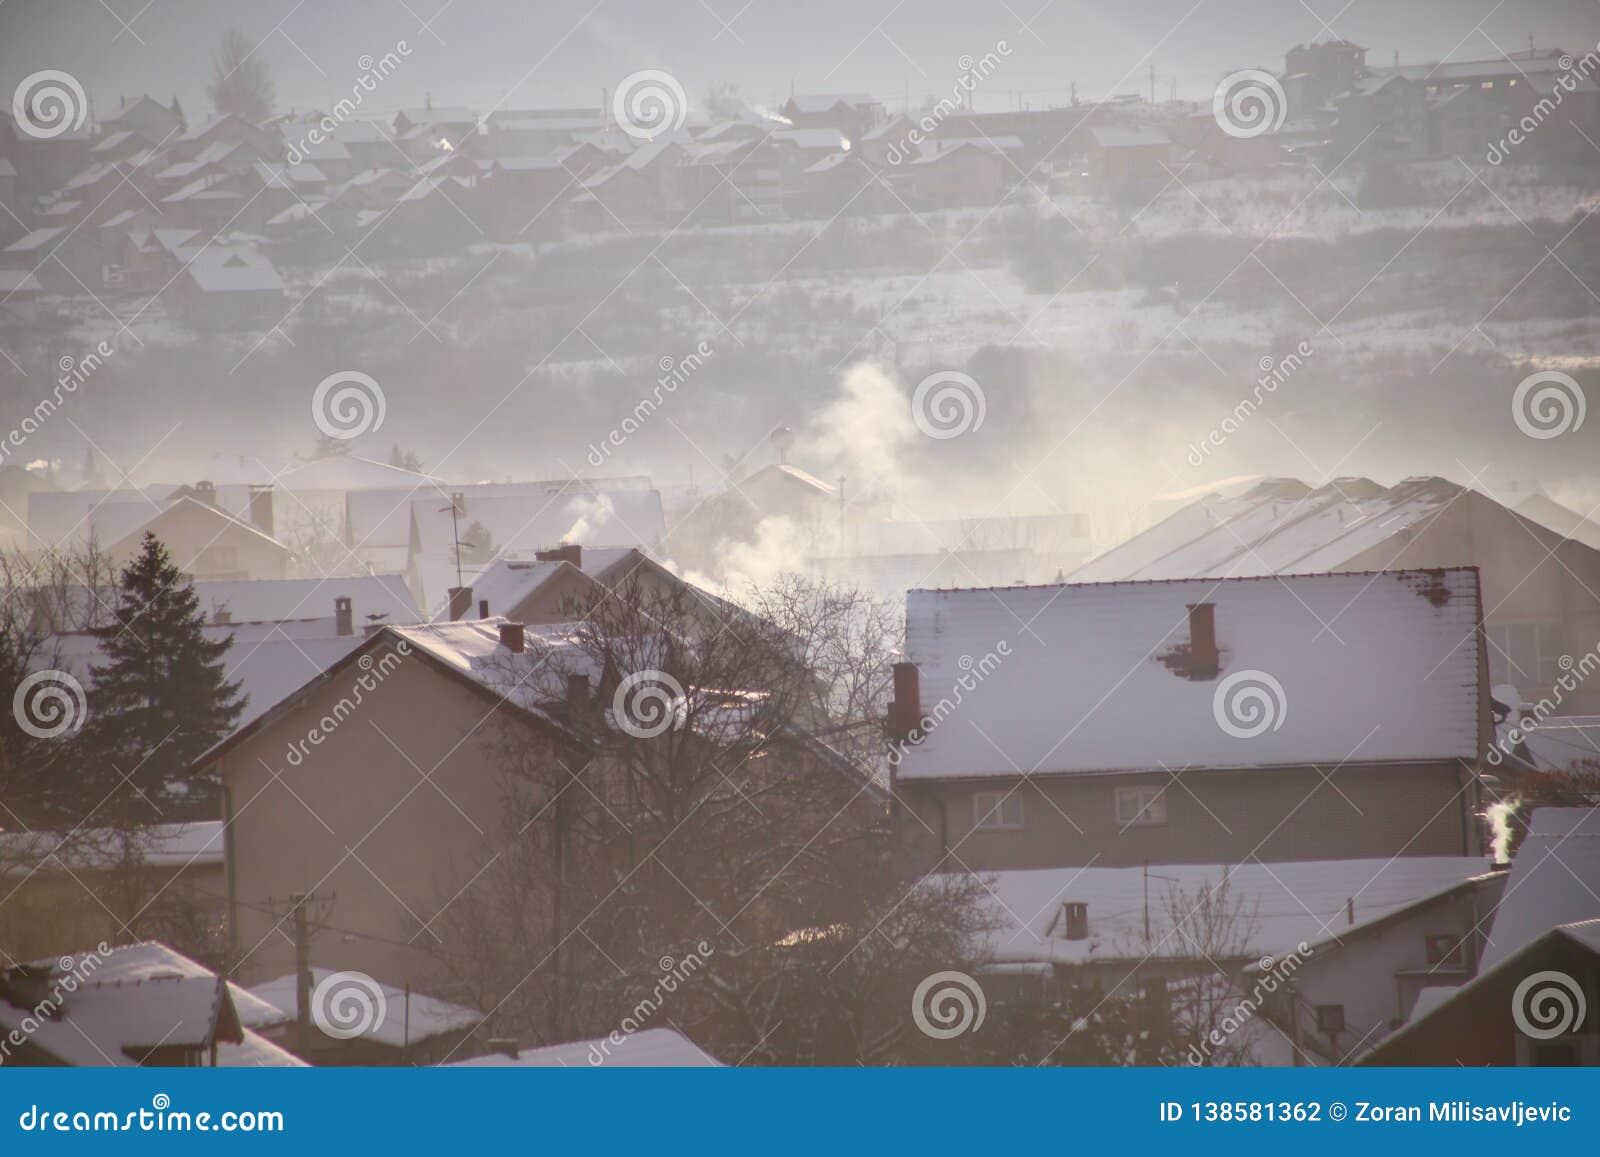 Rauchende Schlote an den Dächern mit Schnee von Häusern strahlen Rauch, Smog bei Sonnenaufgang, Schadstoffe eintragen Atmosphäre